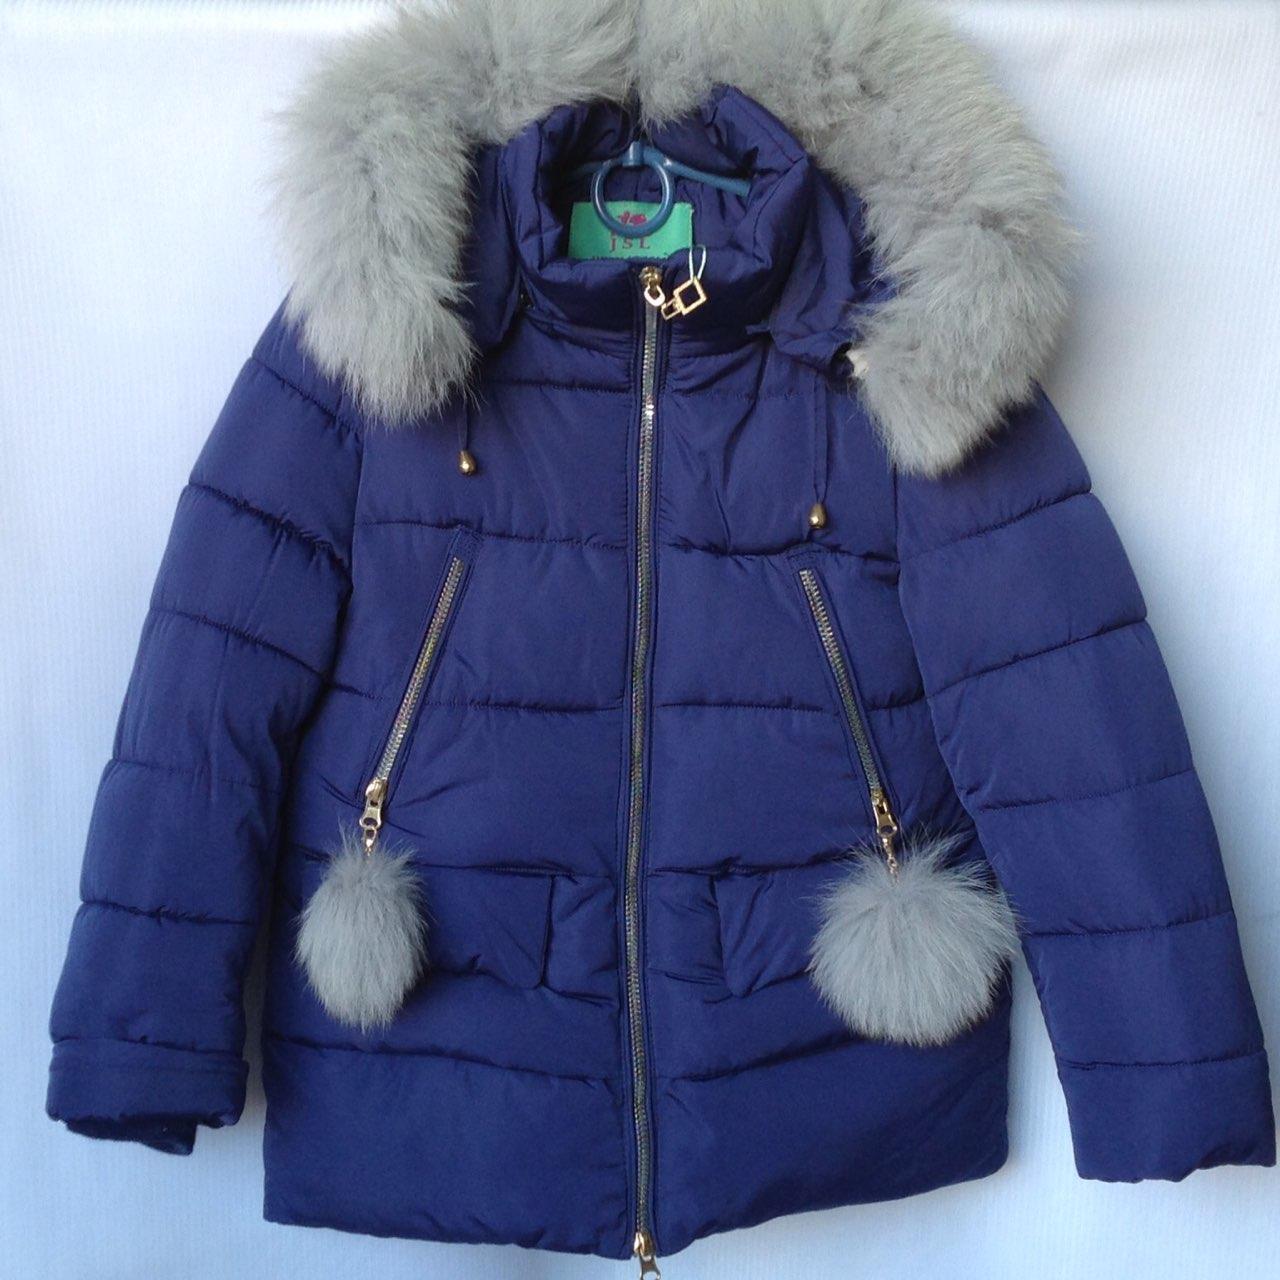 Куртка подростковая зимняя SL #HM-38 для девочек. 128-152 см (8-12 лет). Темно-синяя. Оптом.